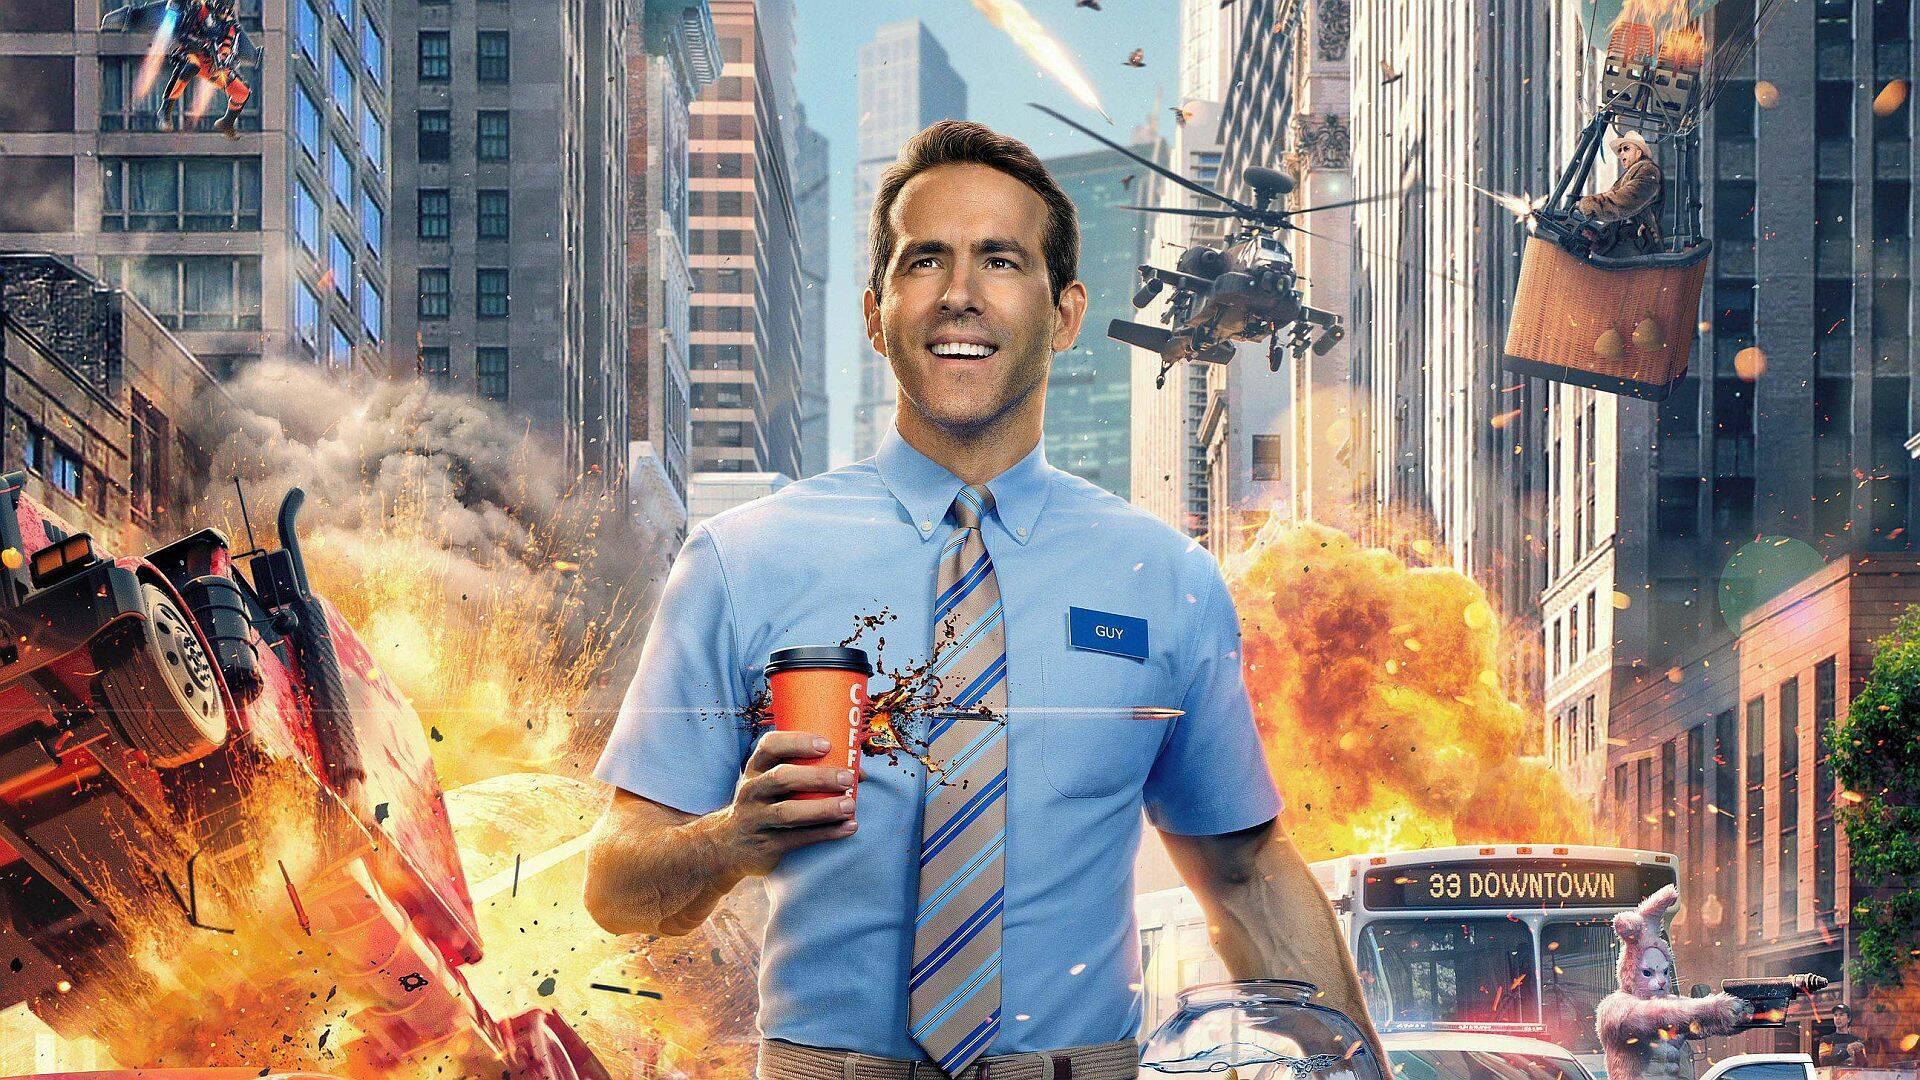 Ryan Reynolds Free Guy